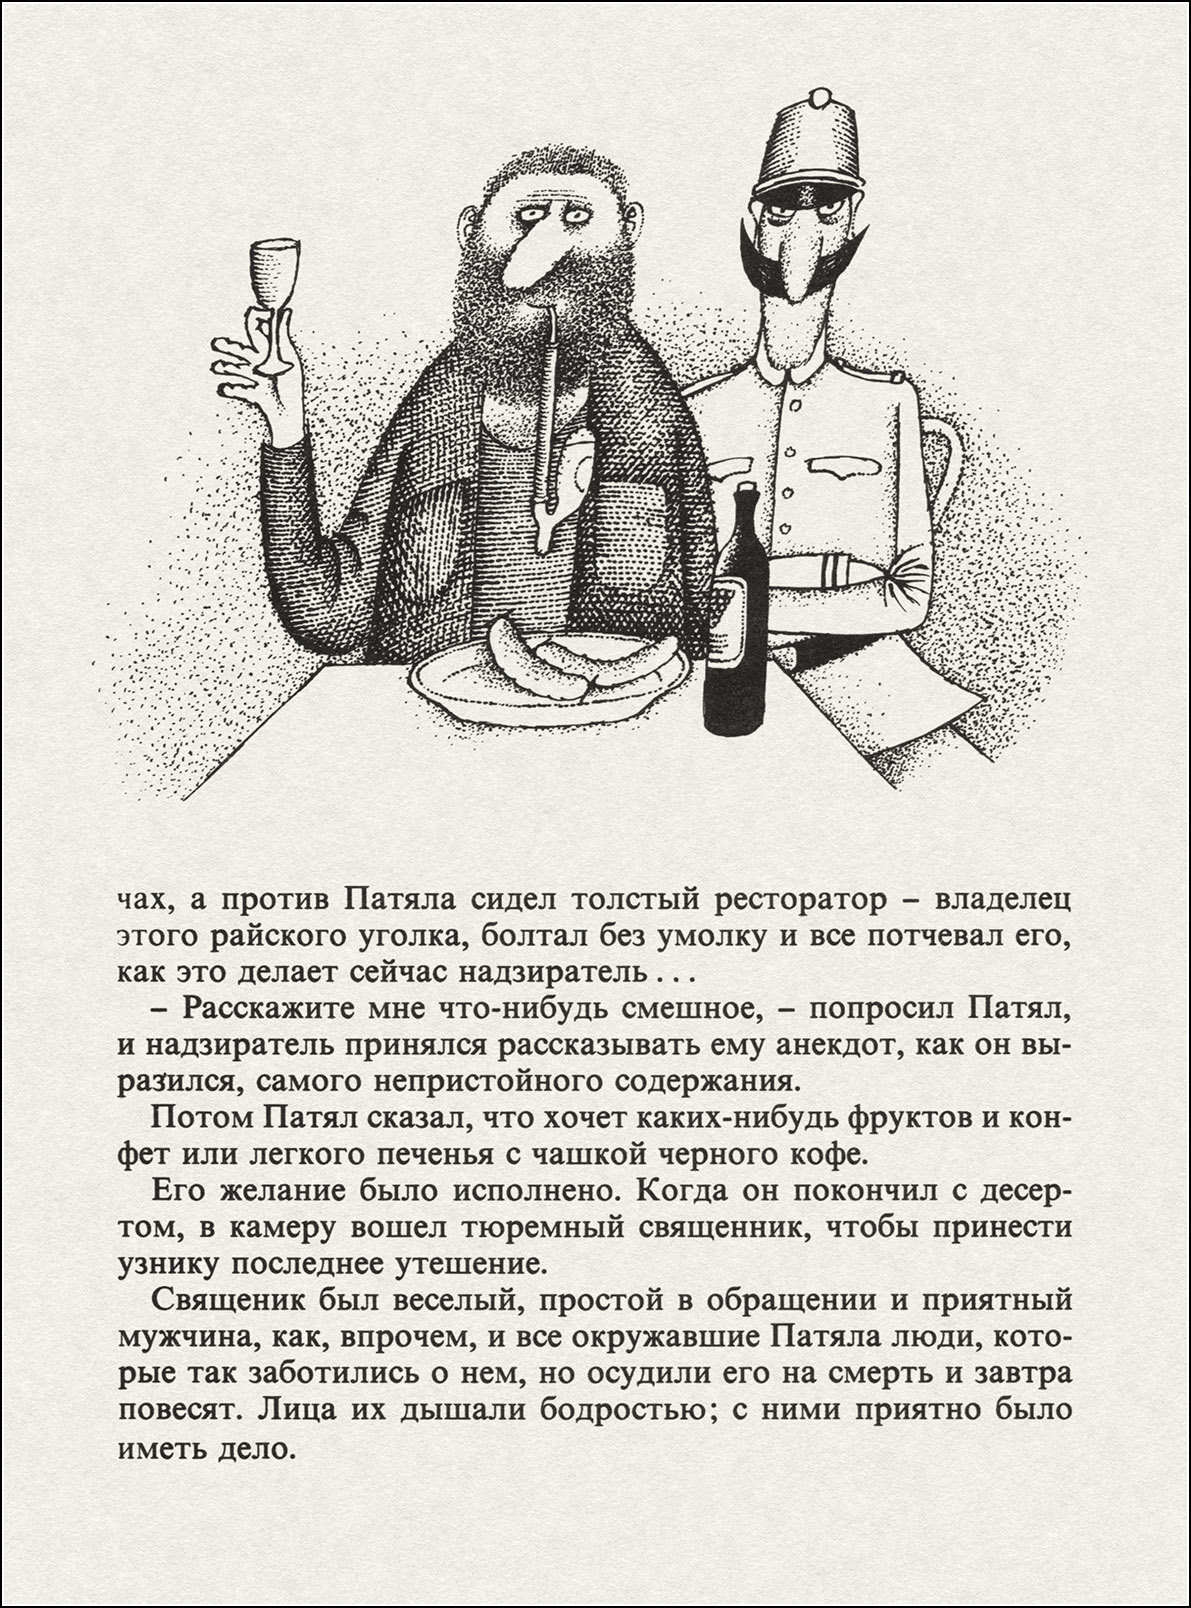 Адольф Борн, Ярослав Гашек, Фельетоны